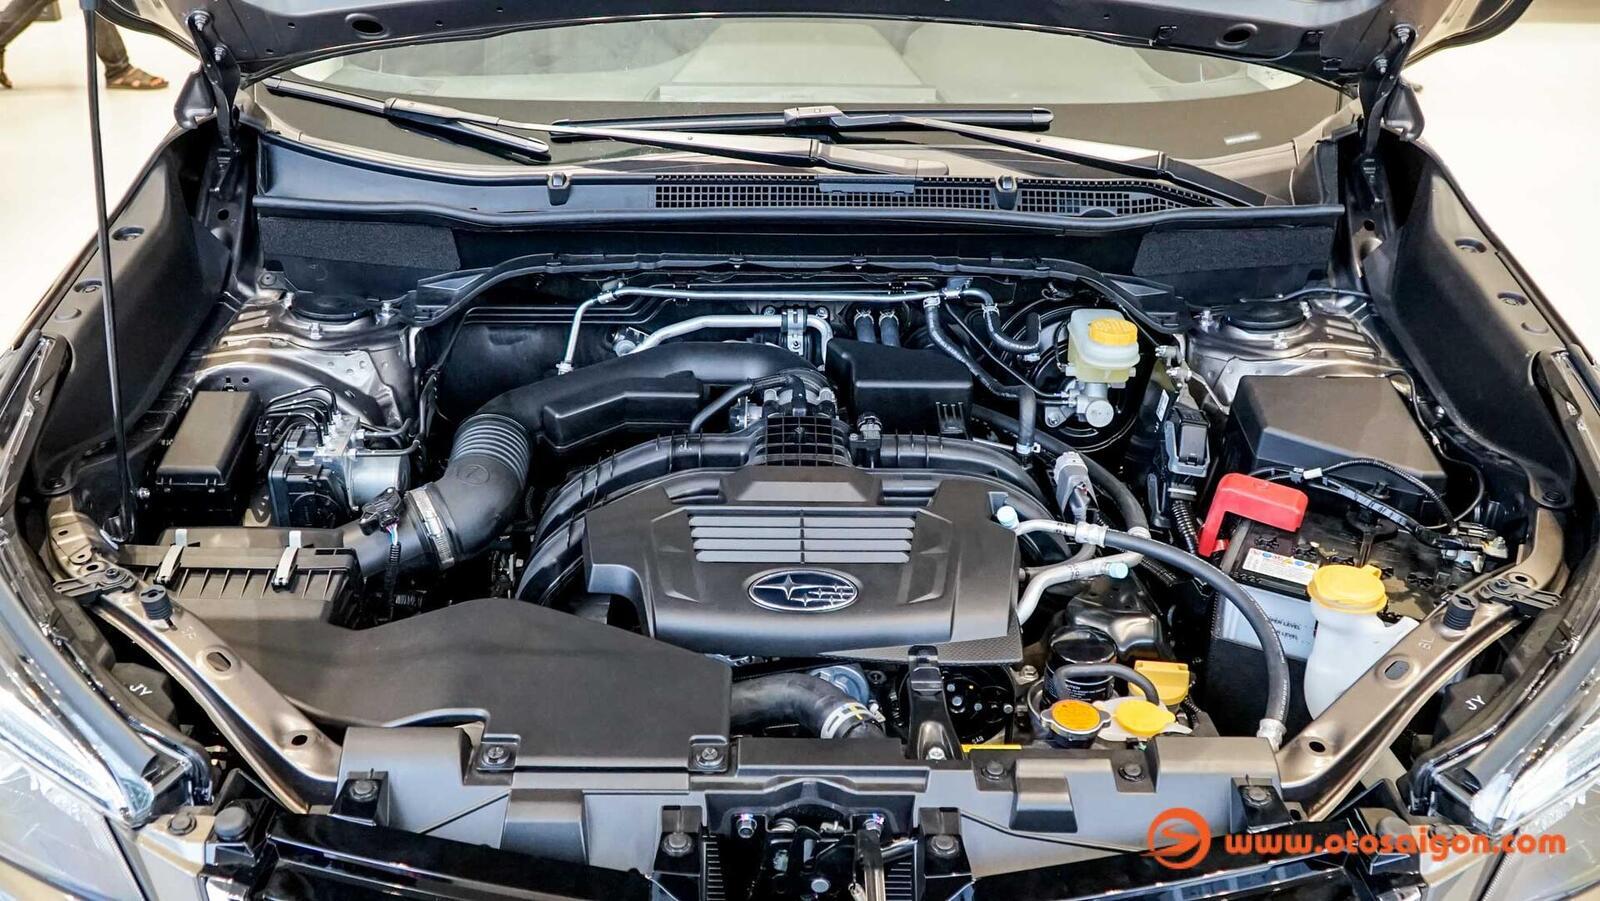 Đánh giá nhanh Subaru Forester thế hệ mới và sự khác biệt giữa hai phiên bản - Hình 2